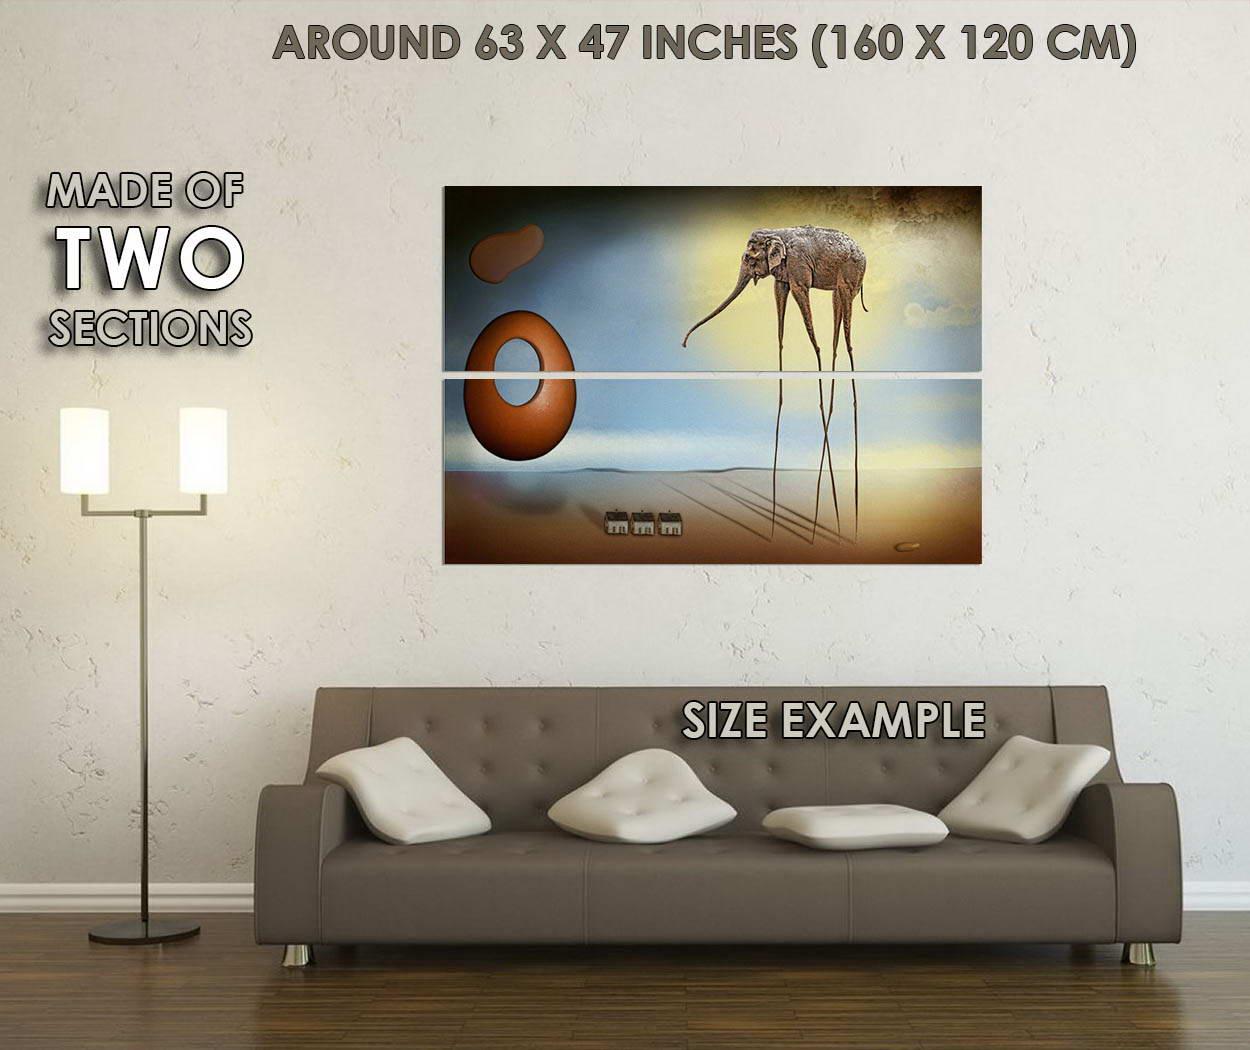 10557-Elephants-Salvador-Dali-Abstract-Art-LAMINATED-POSTER-CA thumbnail 6